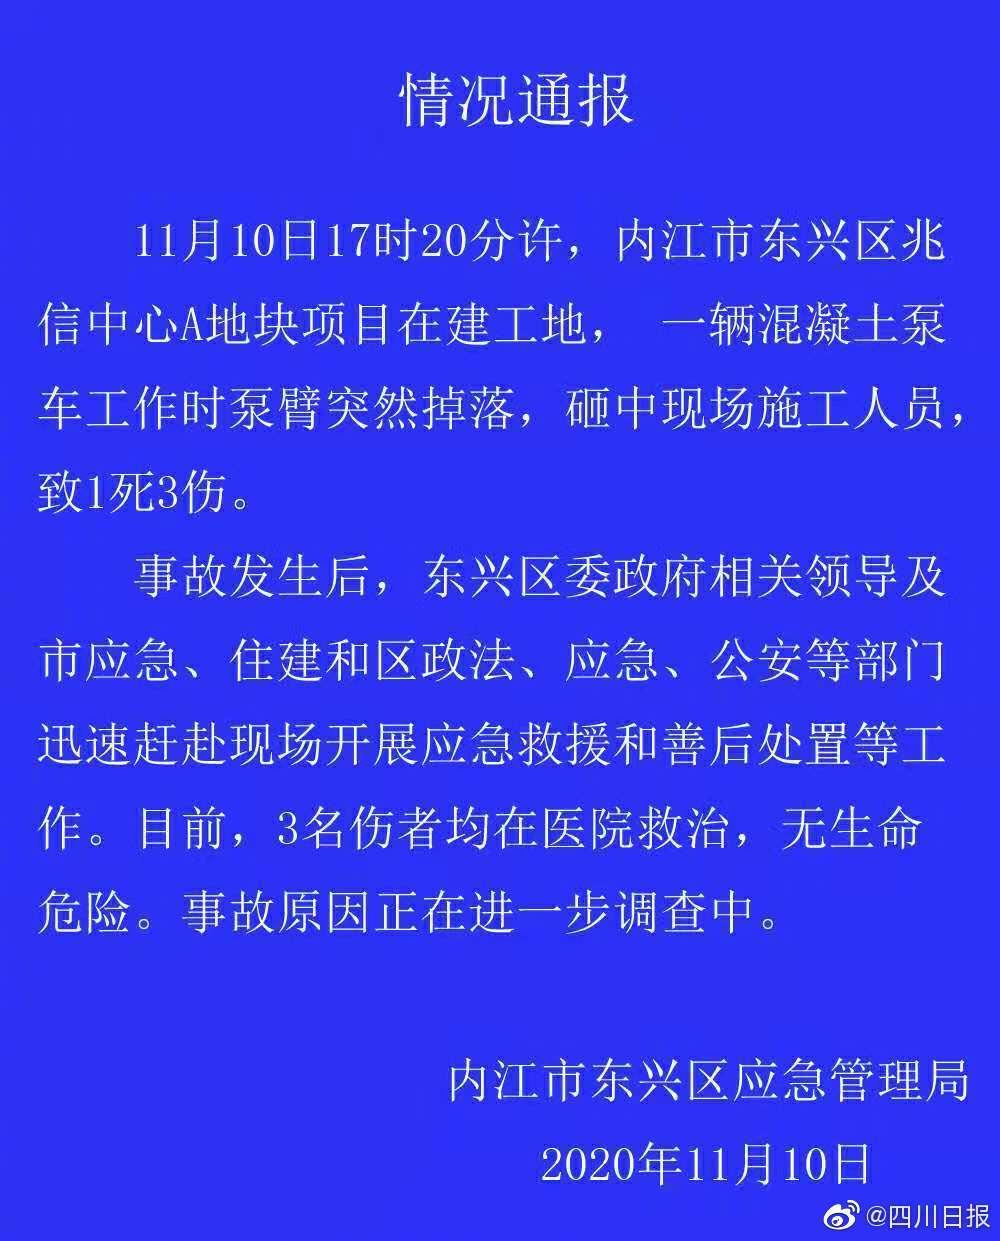 重庆吊水洞煤矿事故系企业自行拆除井下设备时违规作业